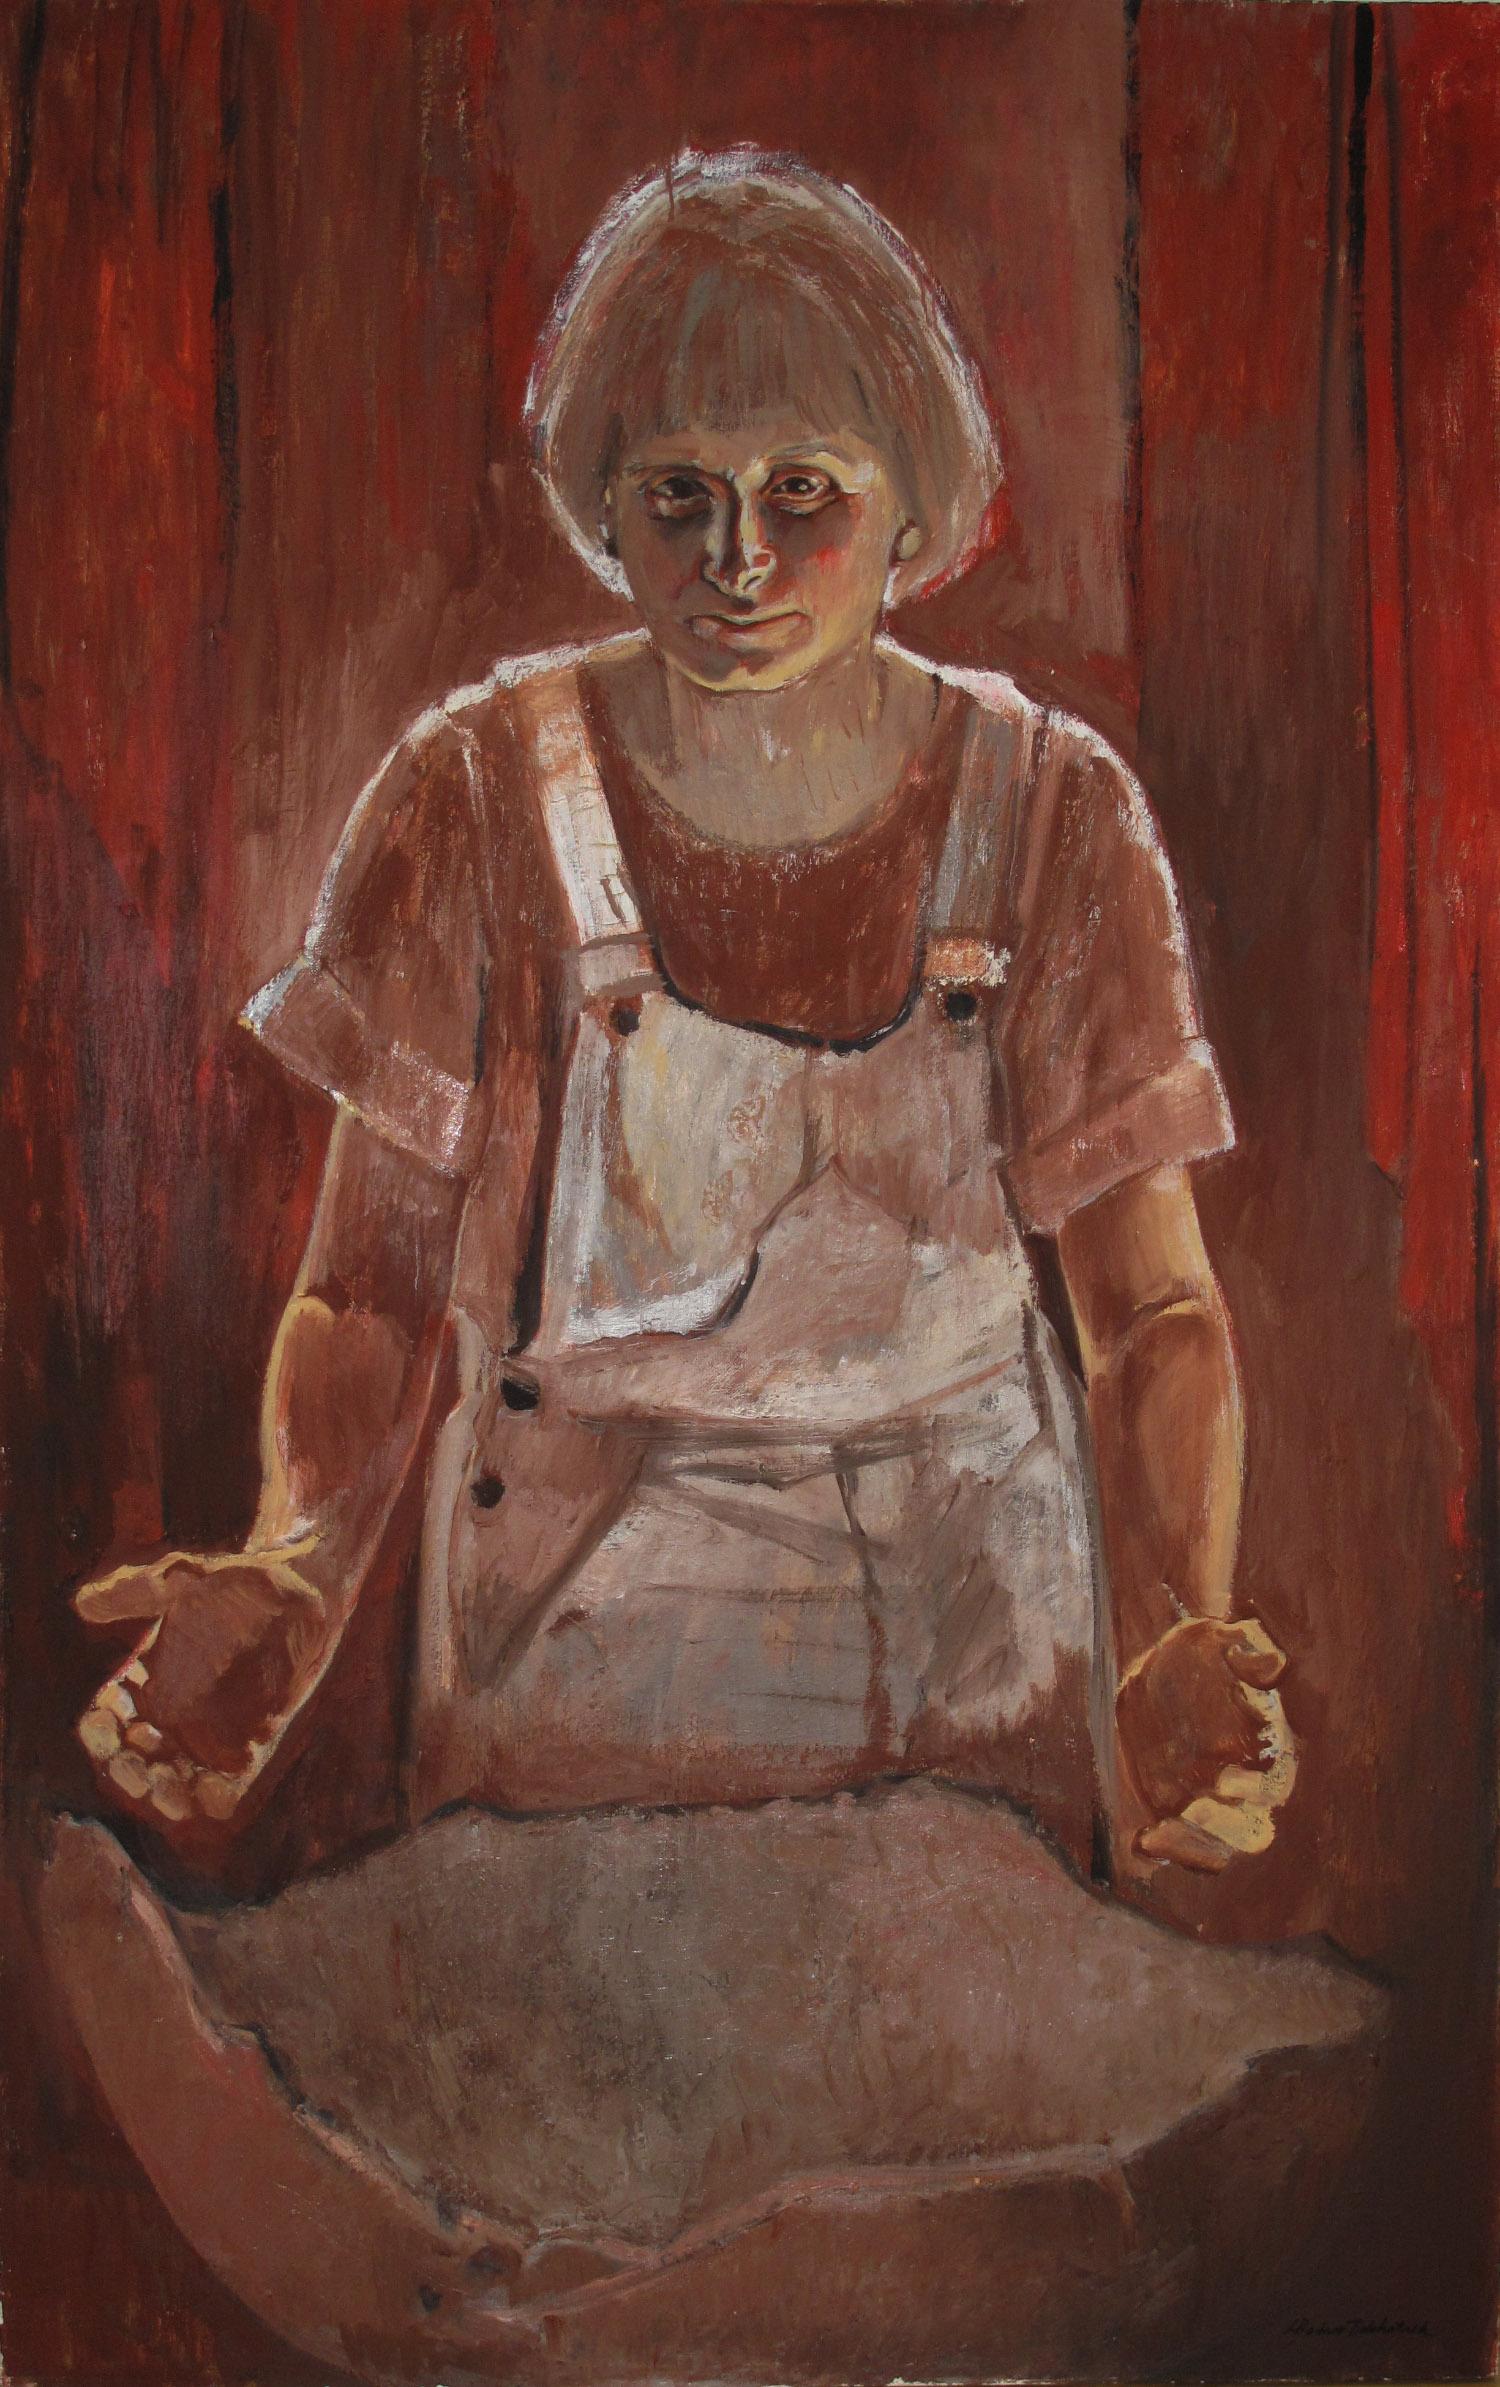 5da(0) -The Vessel (Portrait of Betty),oil, wax on linen, 65x41 in. 2004.jpg